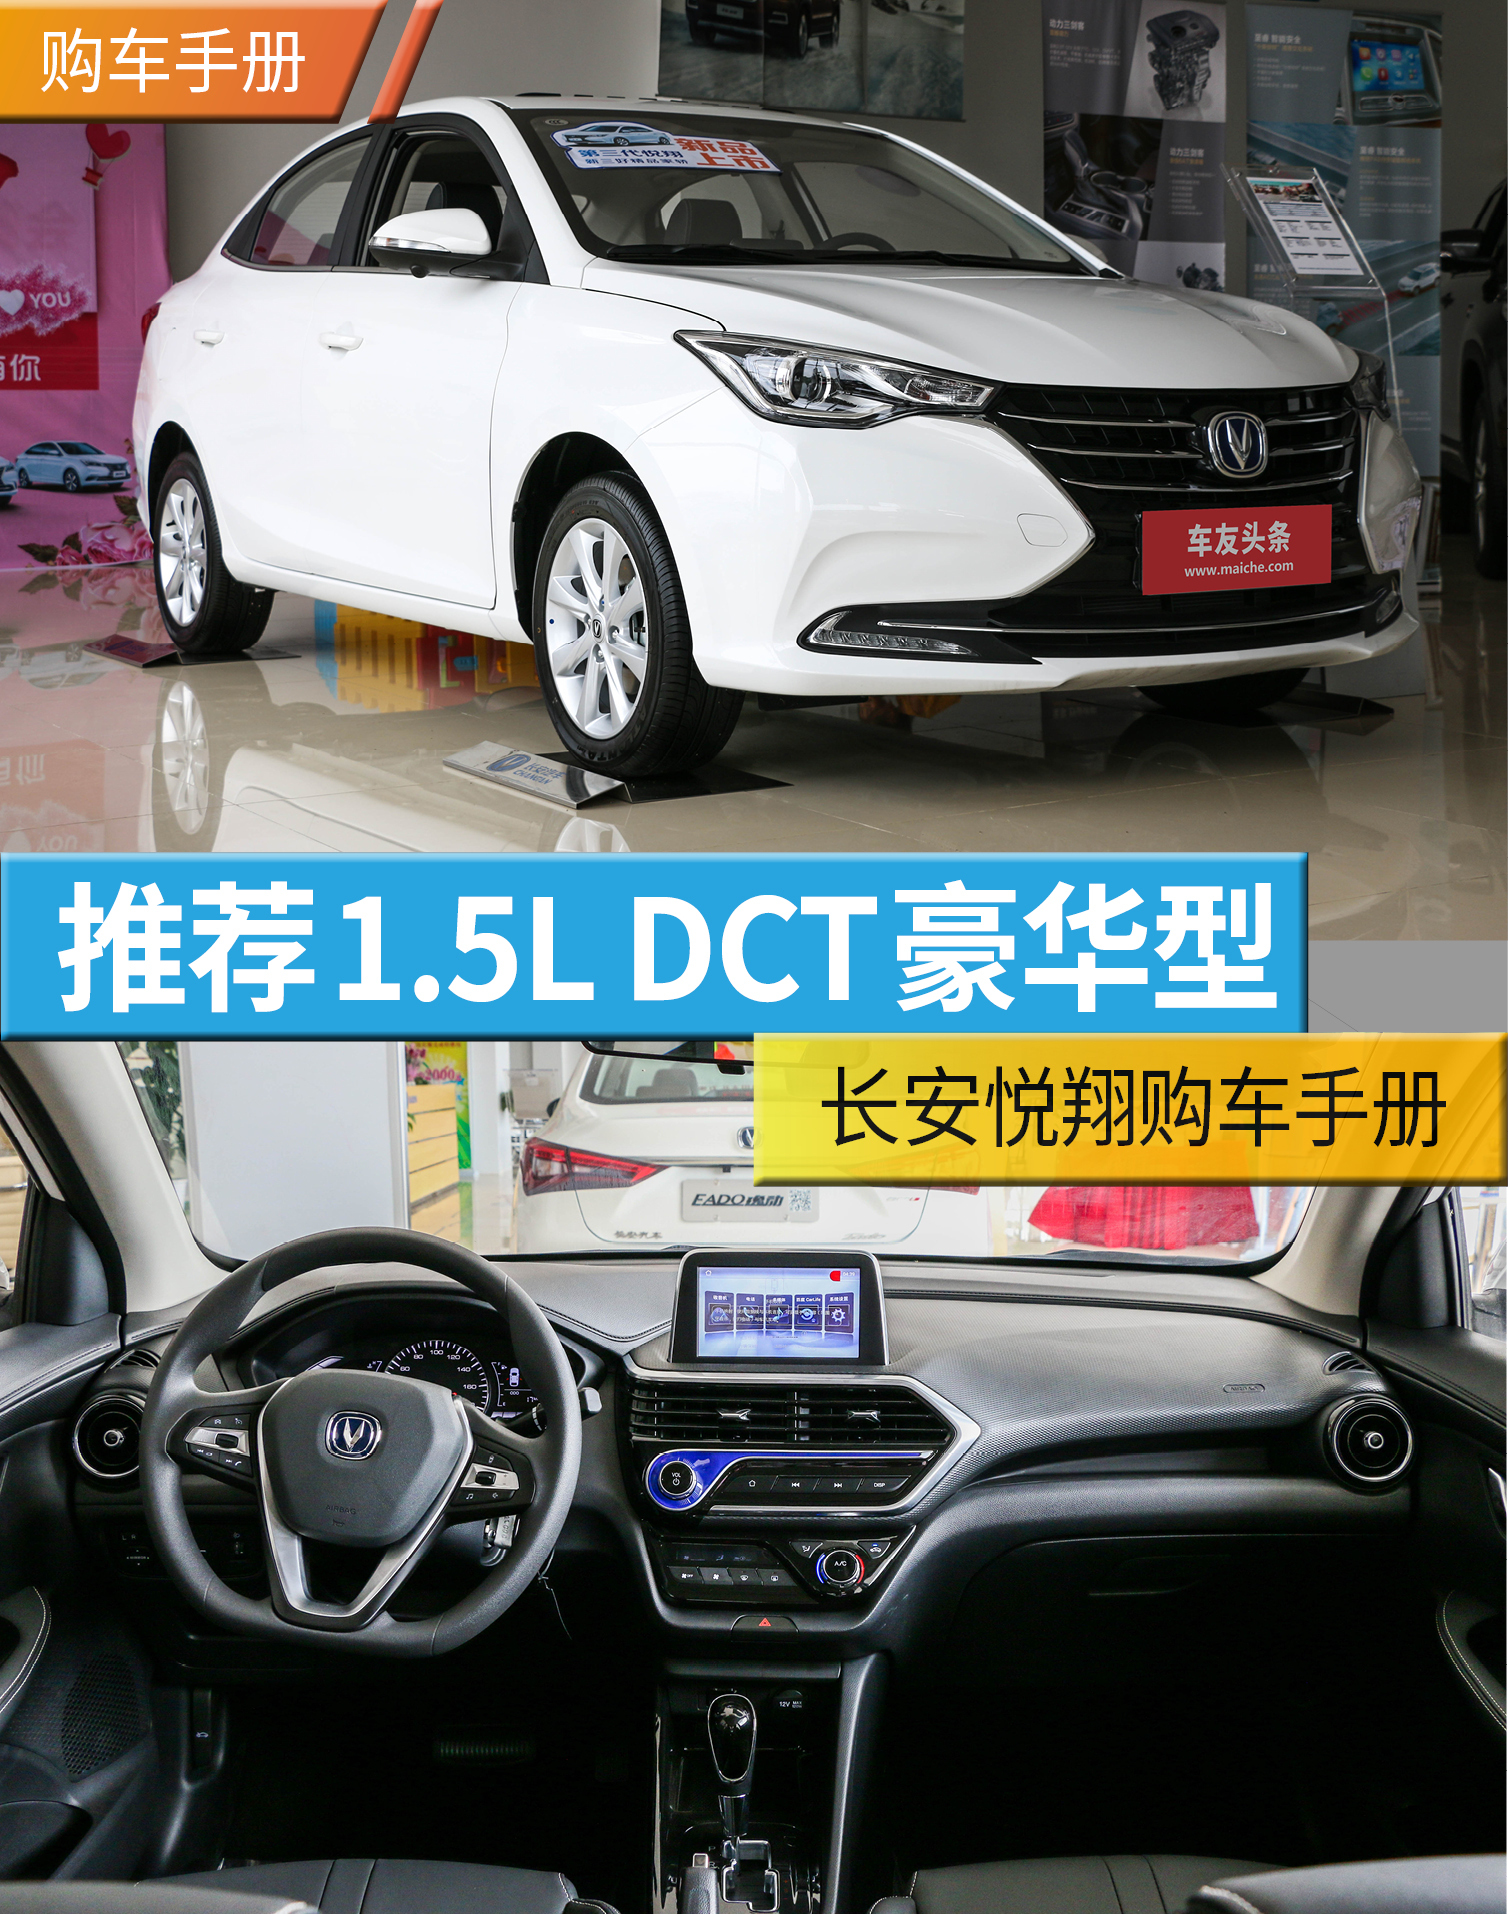 推荐1.5L DCT豪华品牌新长安悦翔购车手册